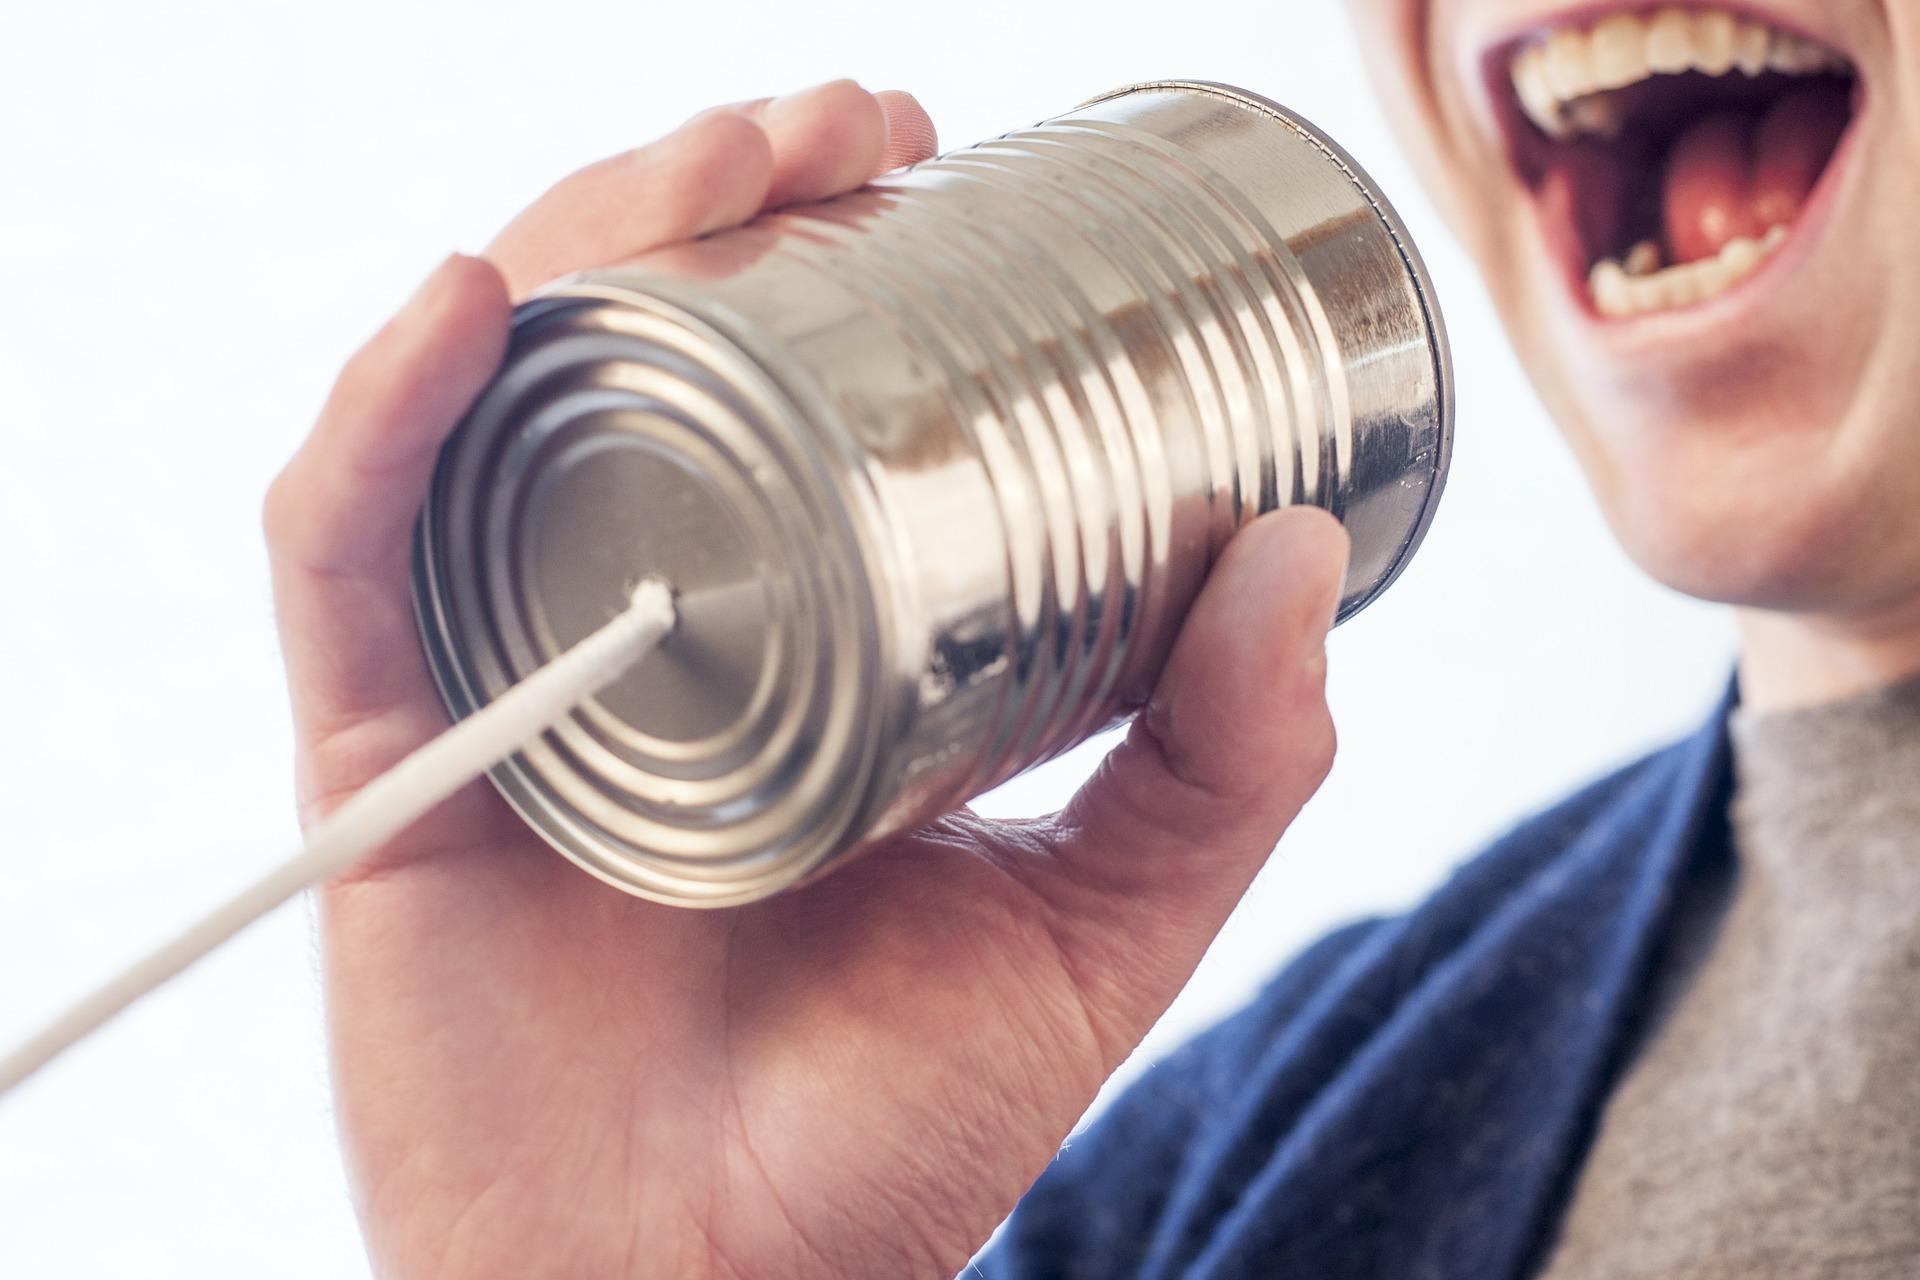 Personne qui parle dans un téléphone fabriqué à partir d'une canette de conserve reliée à un fil.